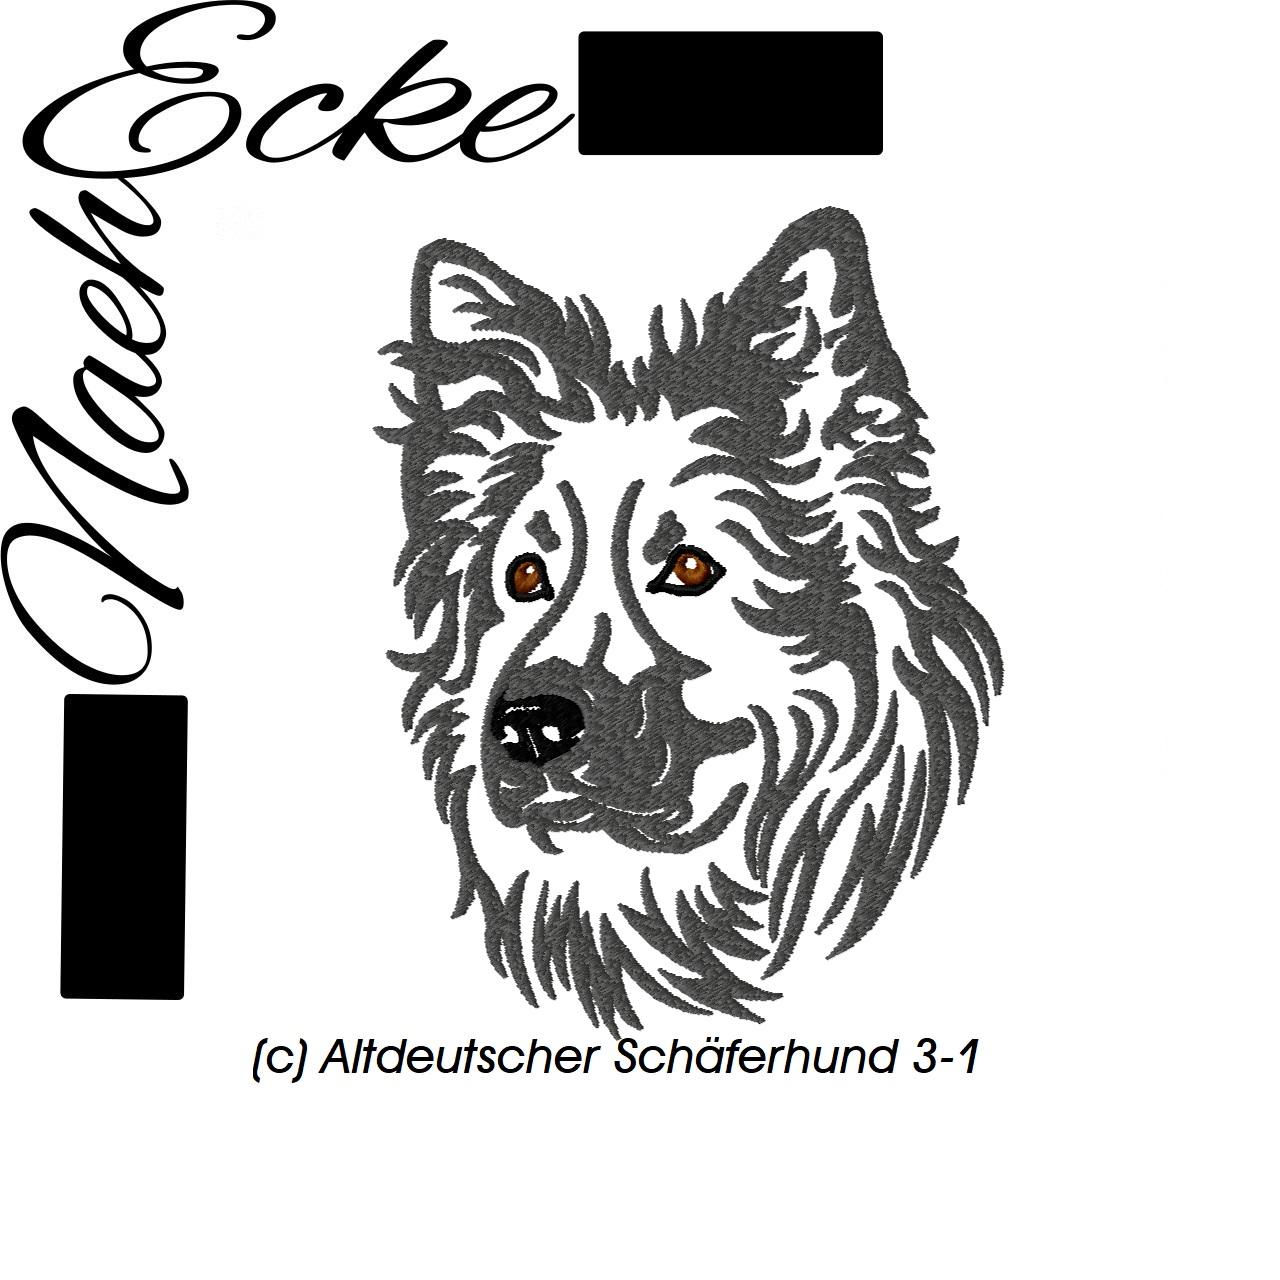 Altdeutscher Schäferhund 3-1